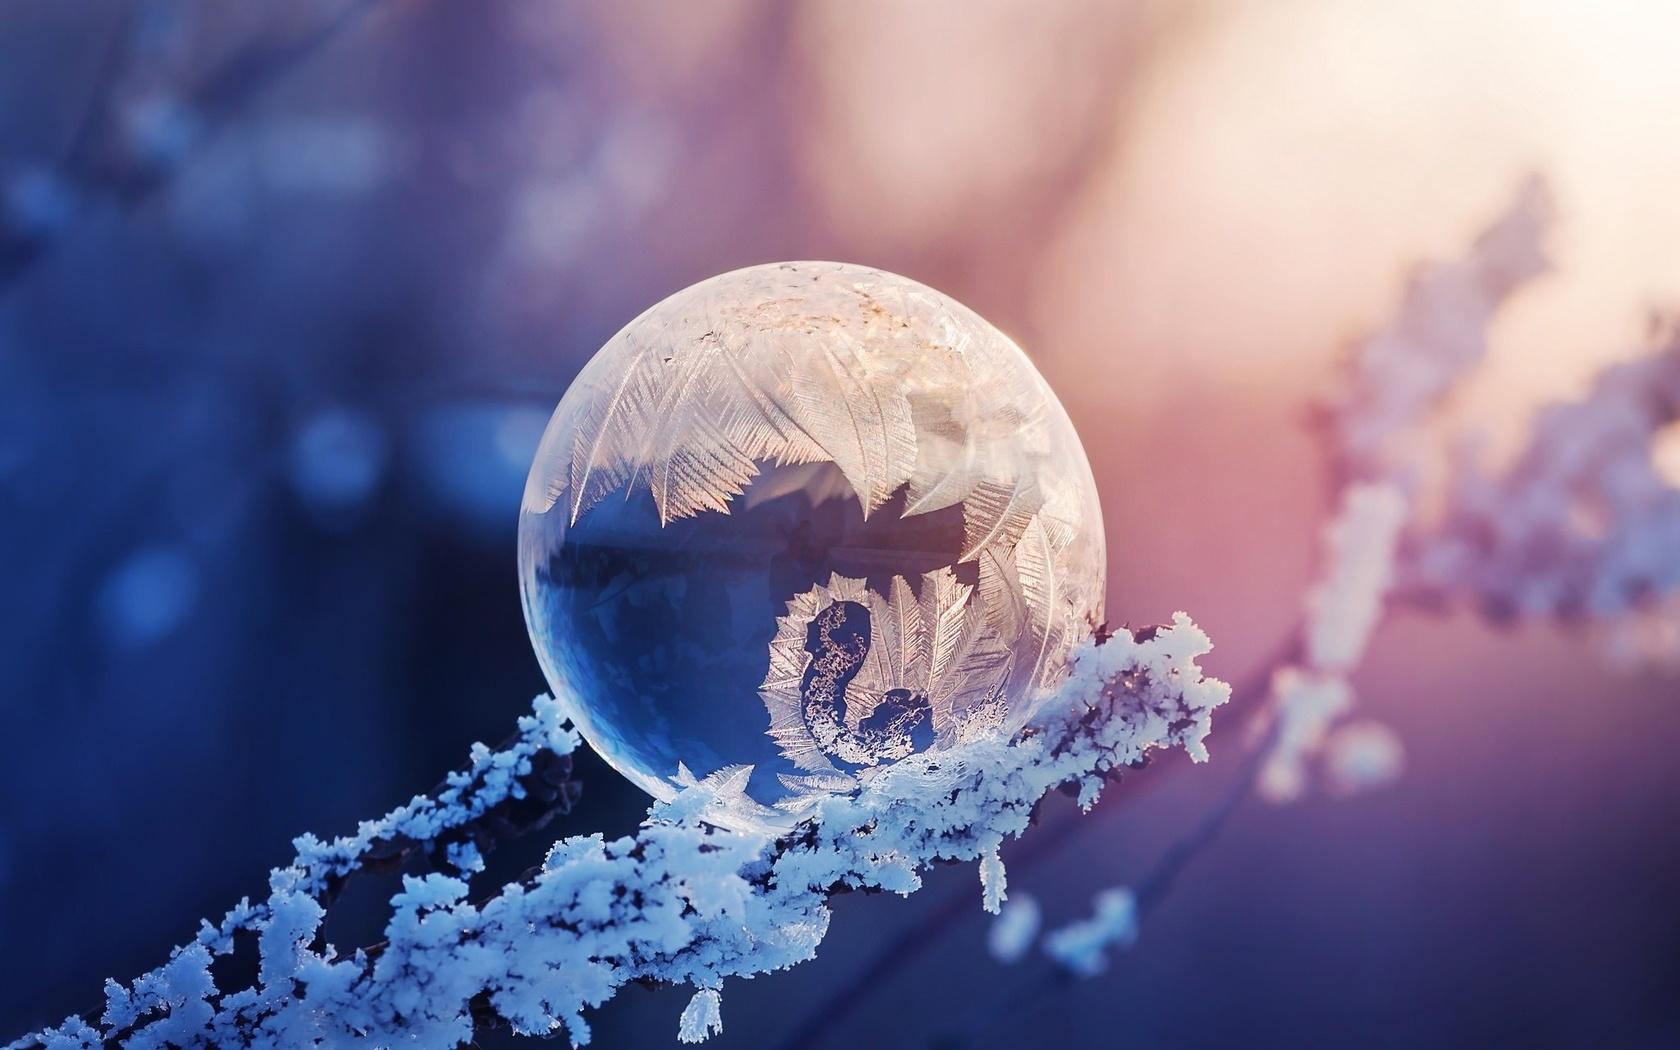 иней, макро, ветки, узор, мороз, боке, мыльный пузырь